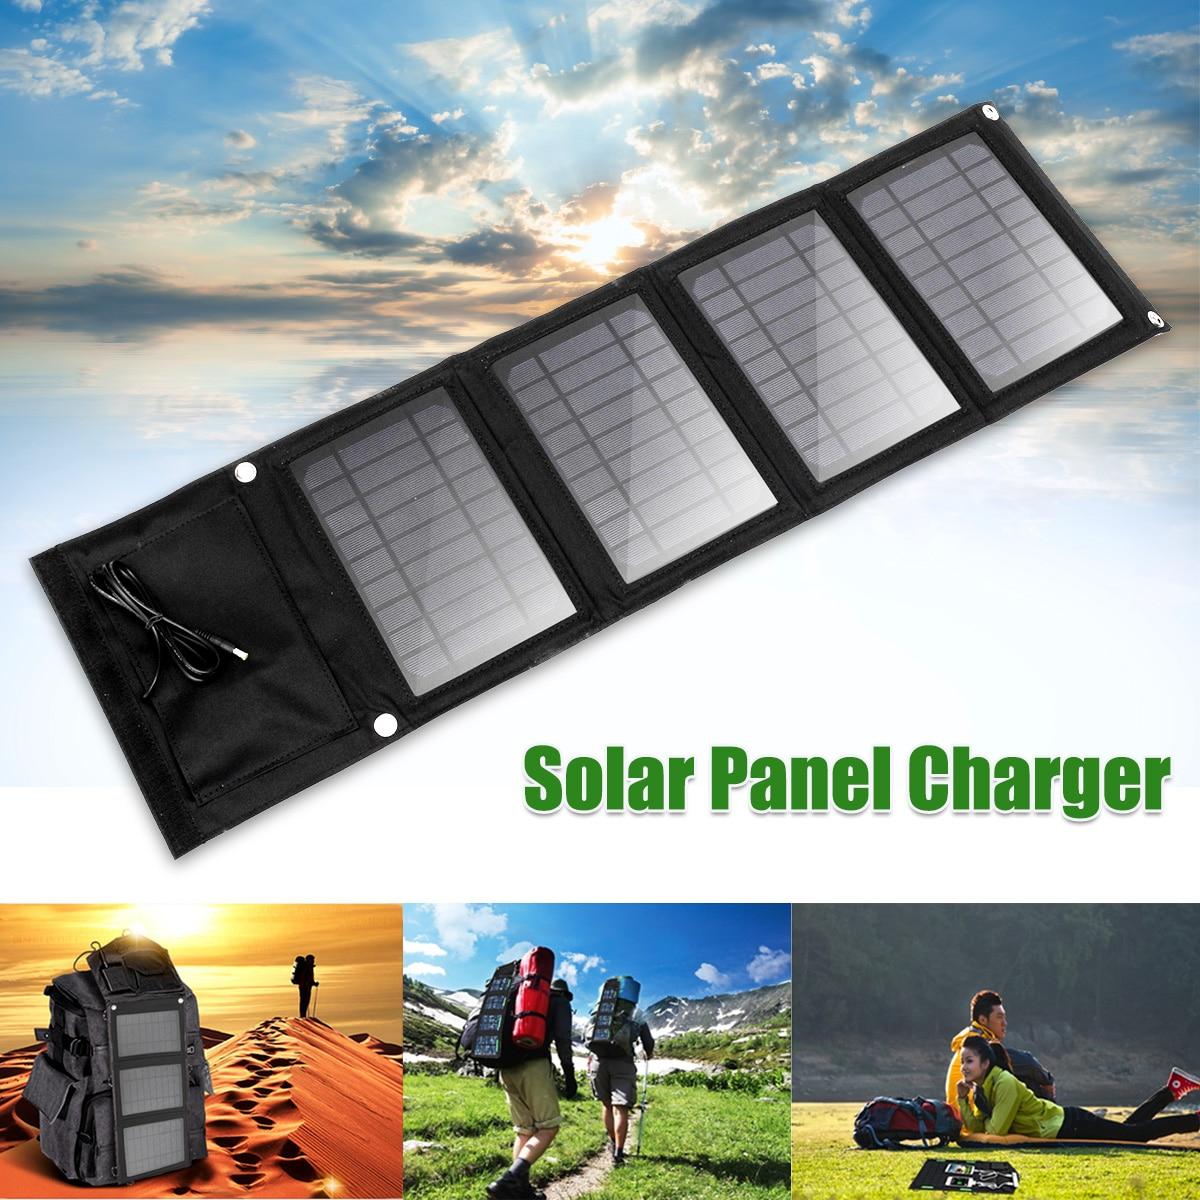 Portable 16 w Pliant Pliable Étanche Panneau Solaire Chargeur Mobile Power Bank pour Téléphone Batterie Double USB Port En Plein Air